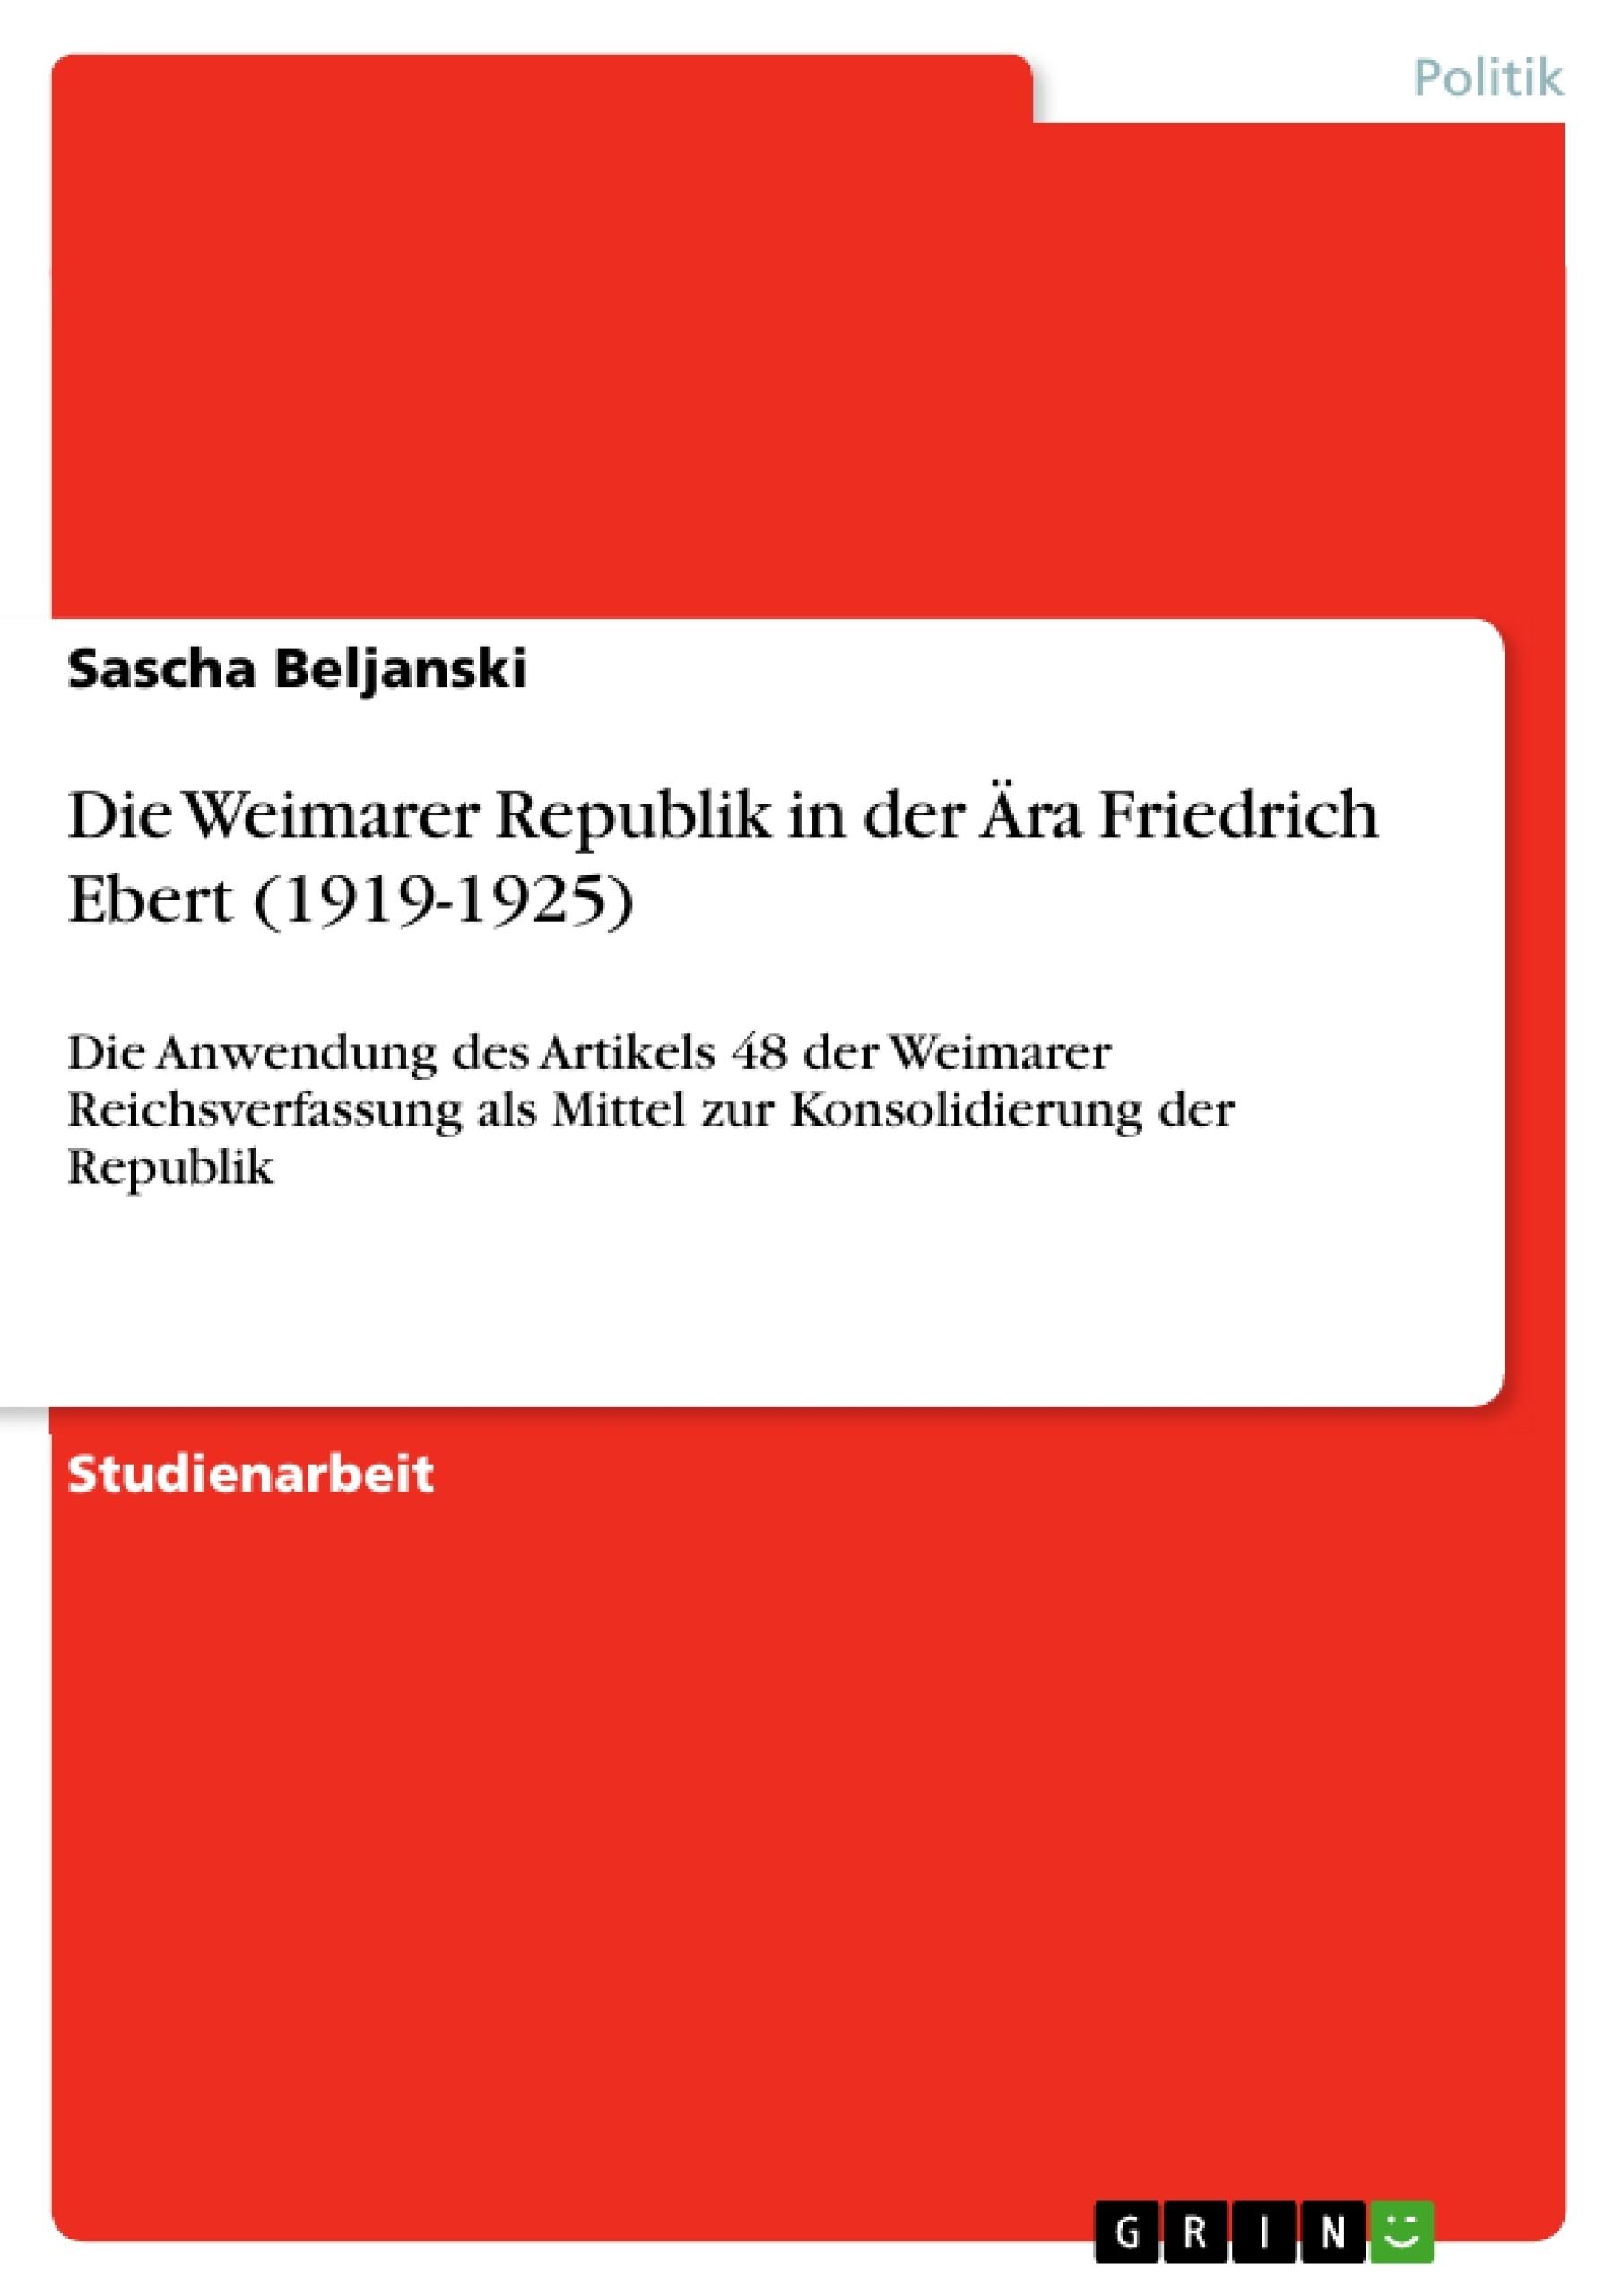 Titel: Die Weimarer Republik in der Ära Friedrich Ebert (1919-1925)